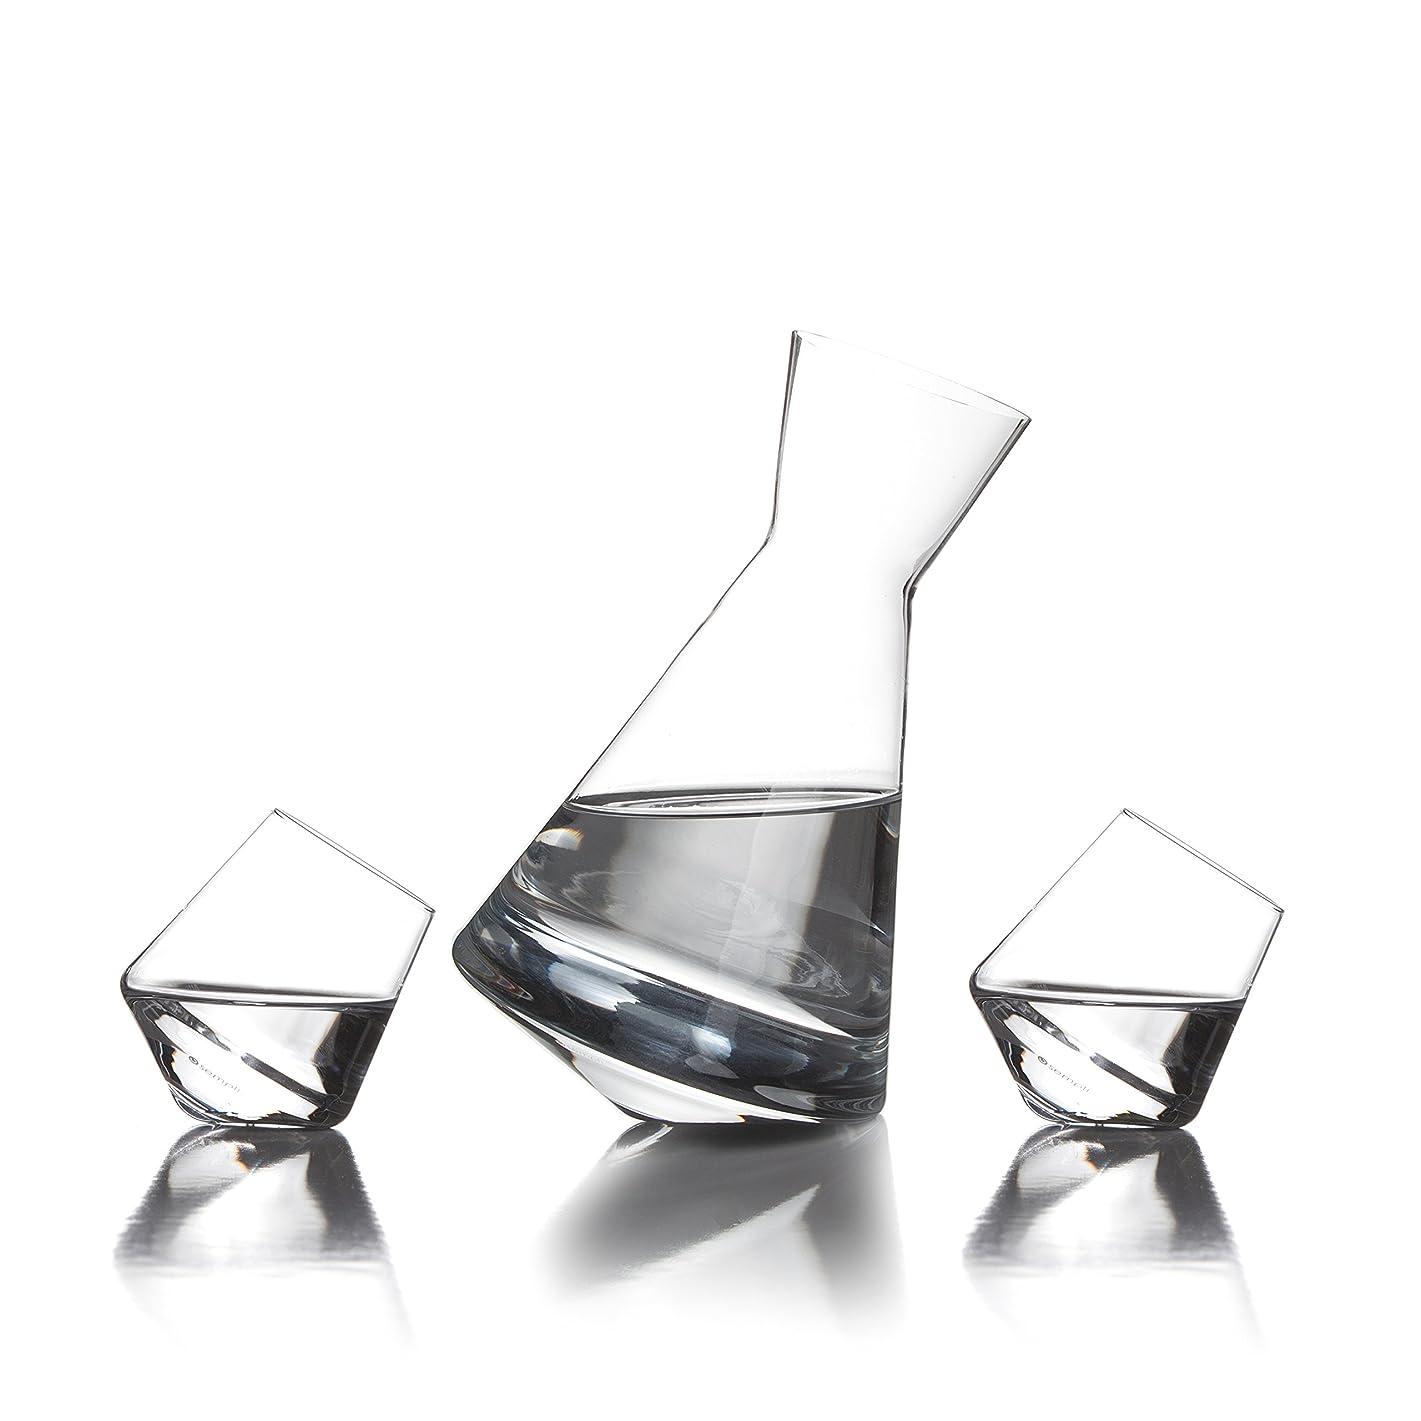 インストール機械的にスプリットVaso Sake Setの手吹きクリスタルガラスVaso Decanter with 2?cupa-shot Glasses